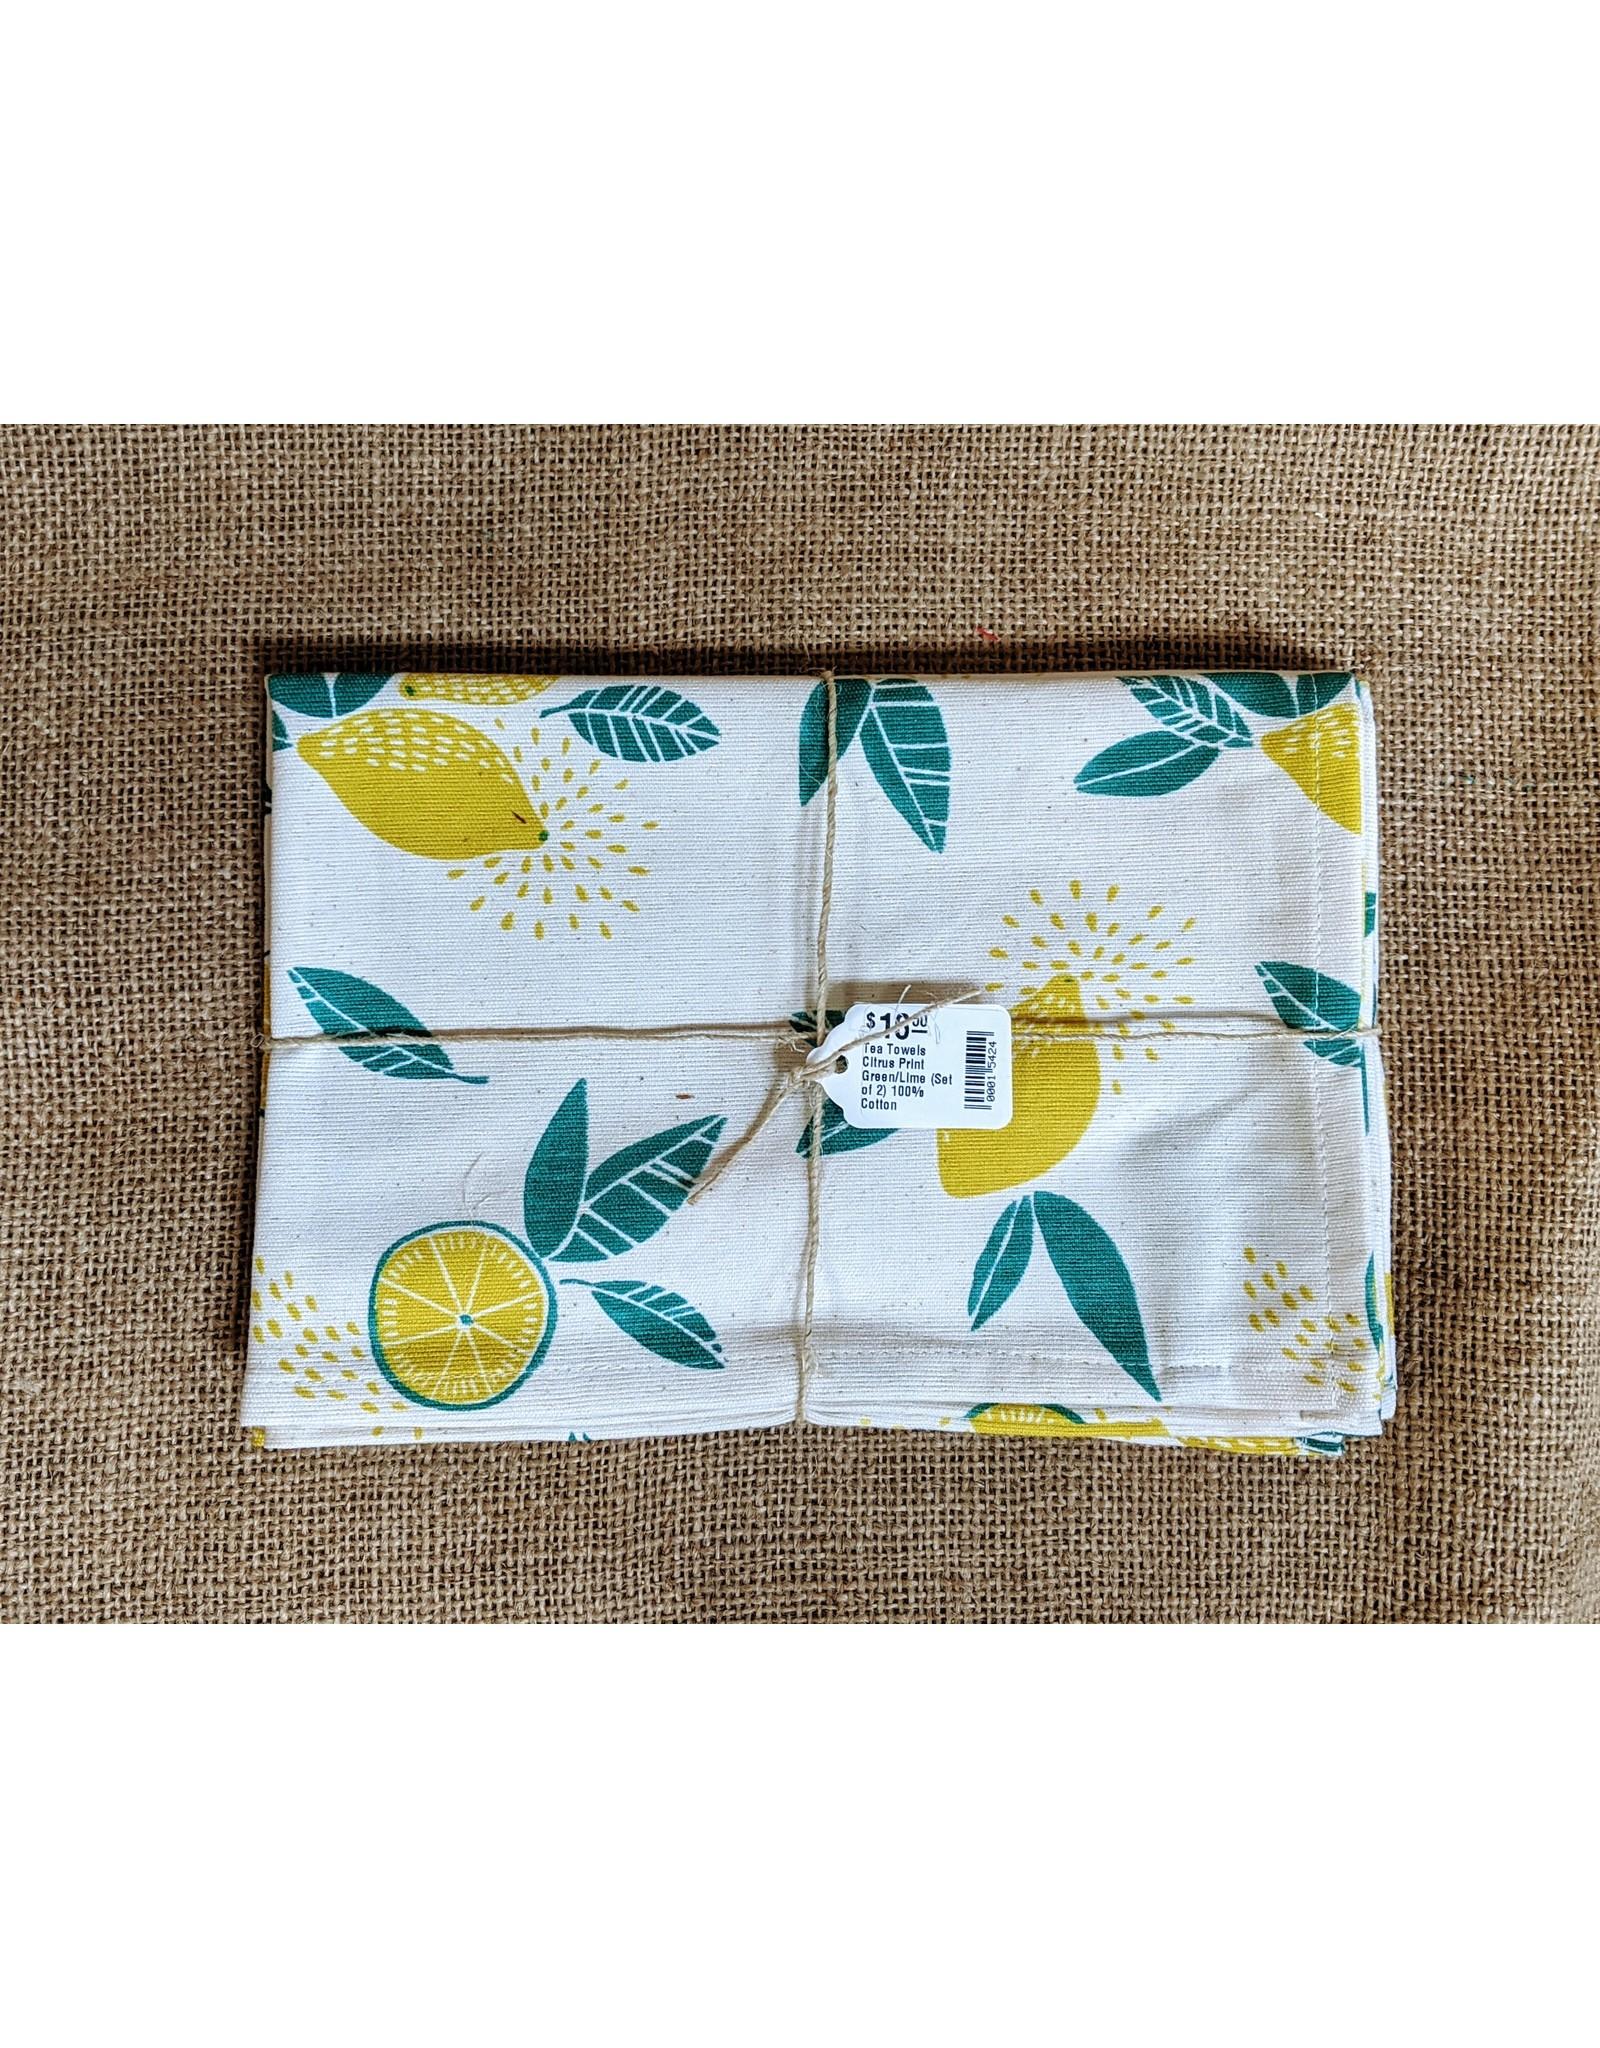 Ten Thousand Villages Citrus Print Tea Towels